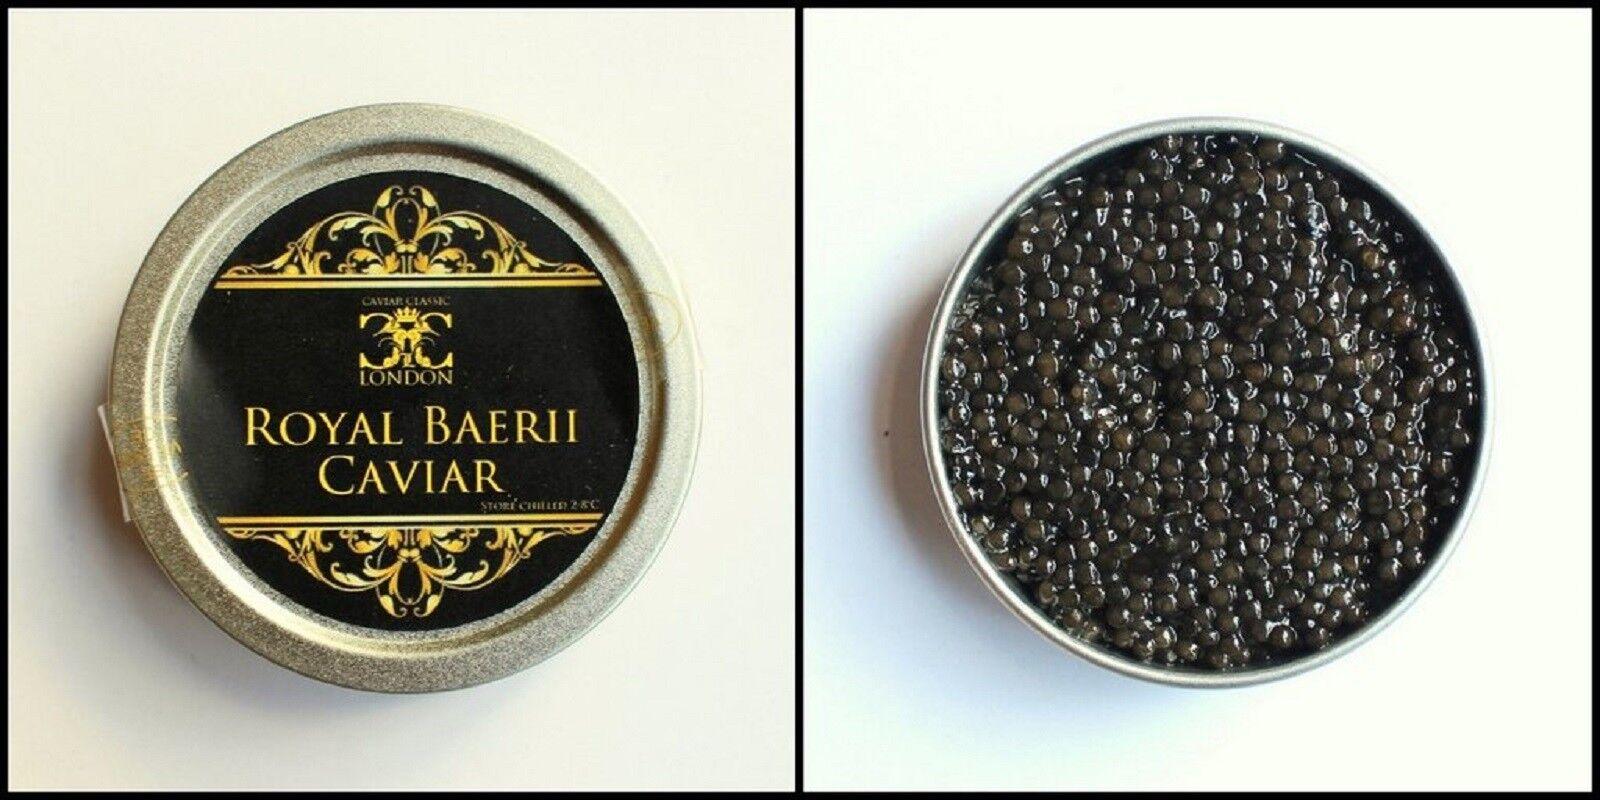 125 Gr. latas de del 9 de los mejores disponible del de caviar. baerii-Beluga. Gratis Perla Cuchara. 0654de